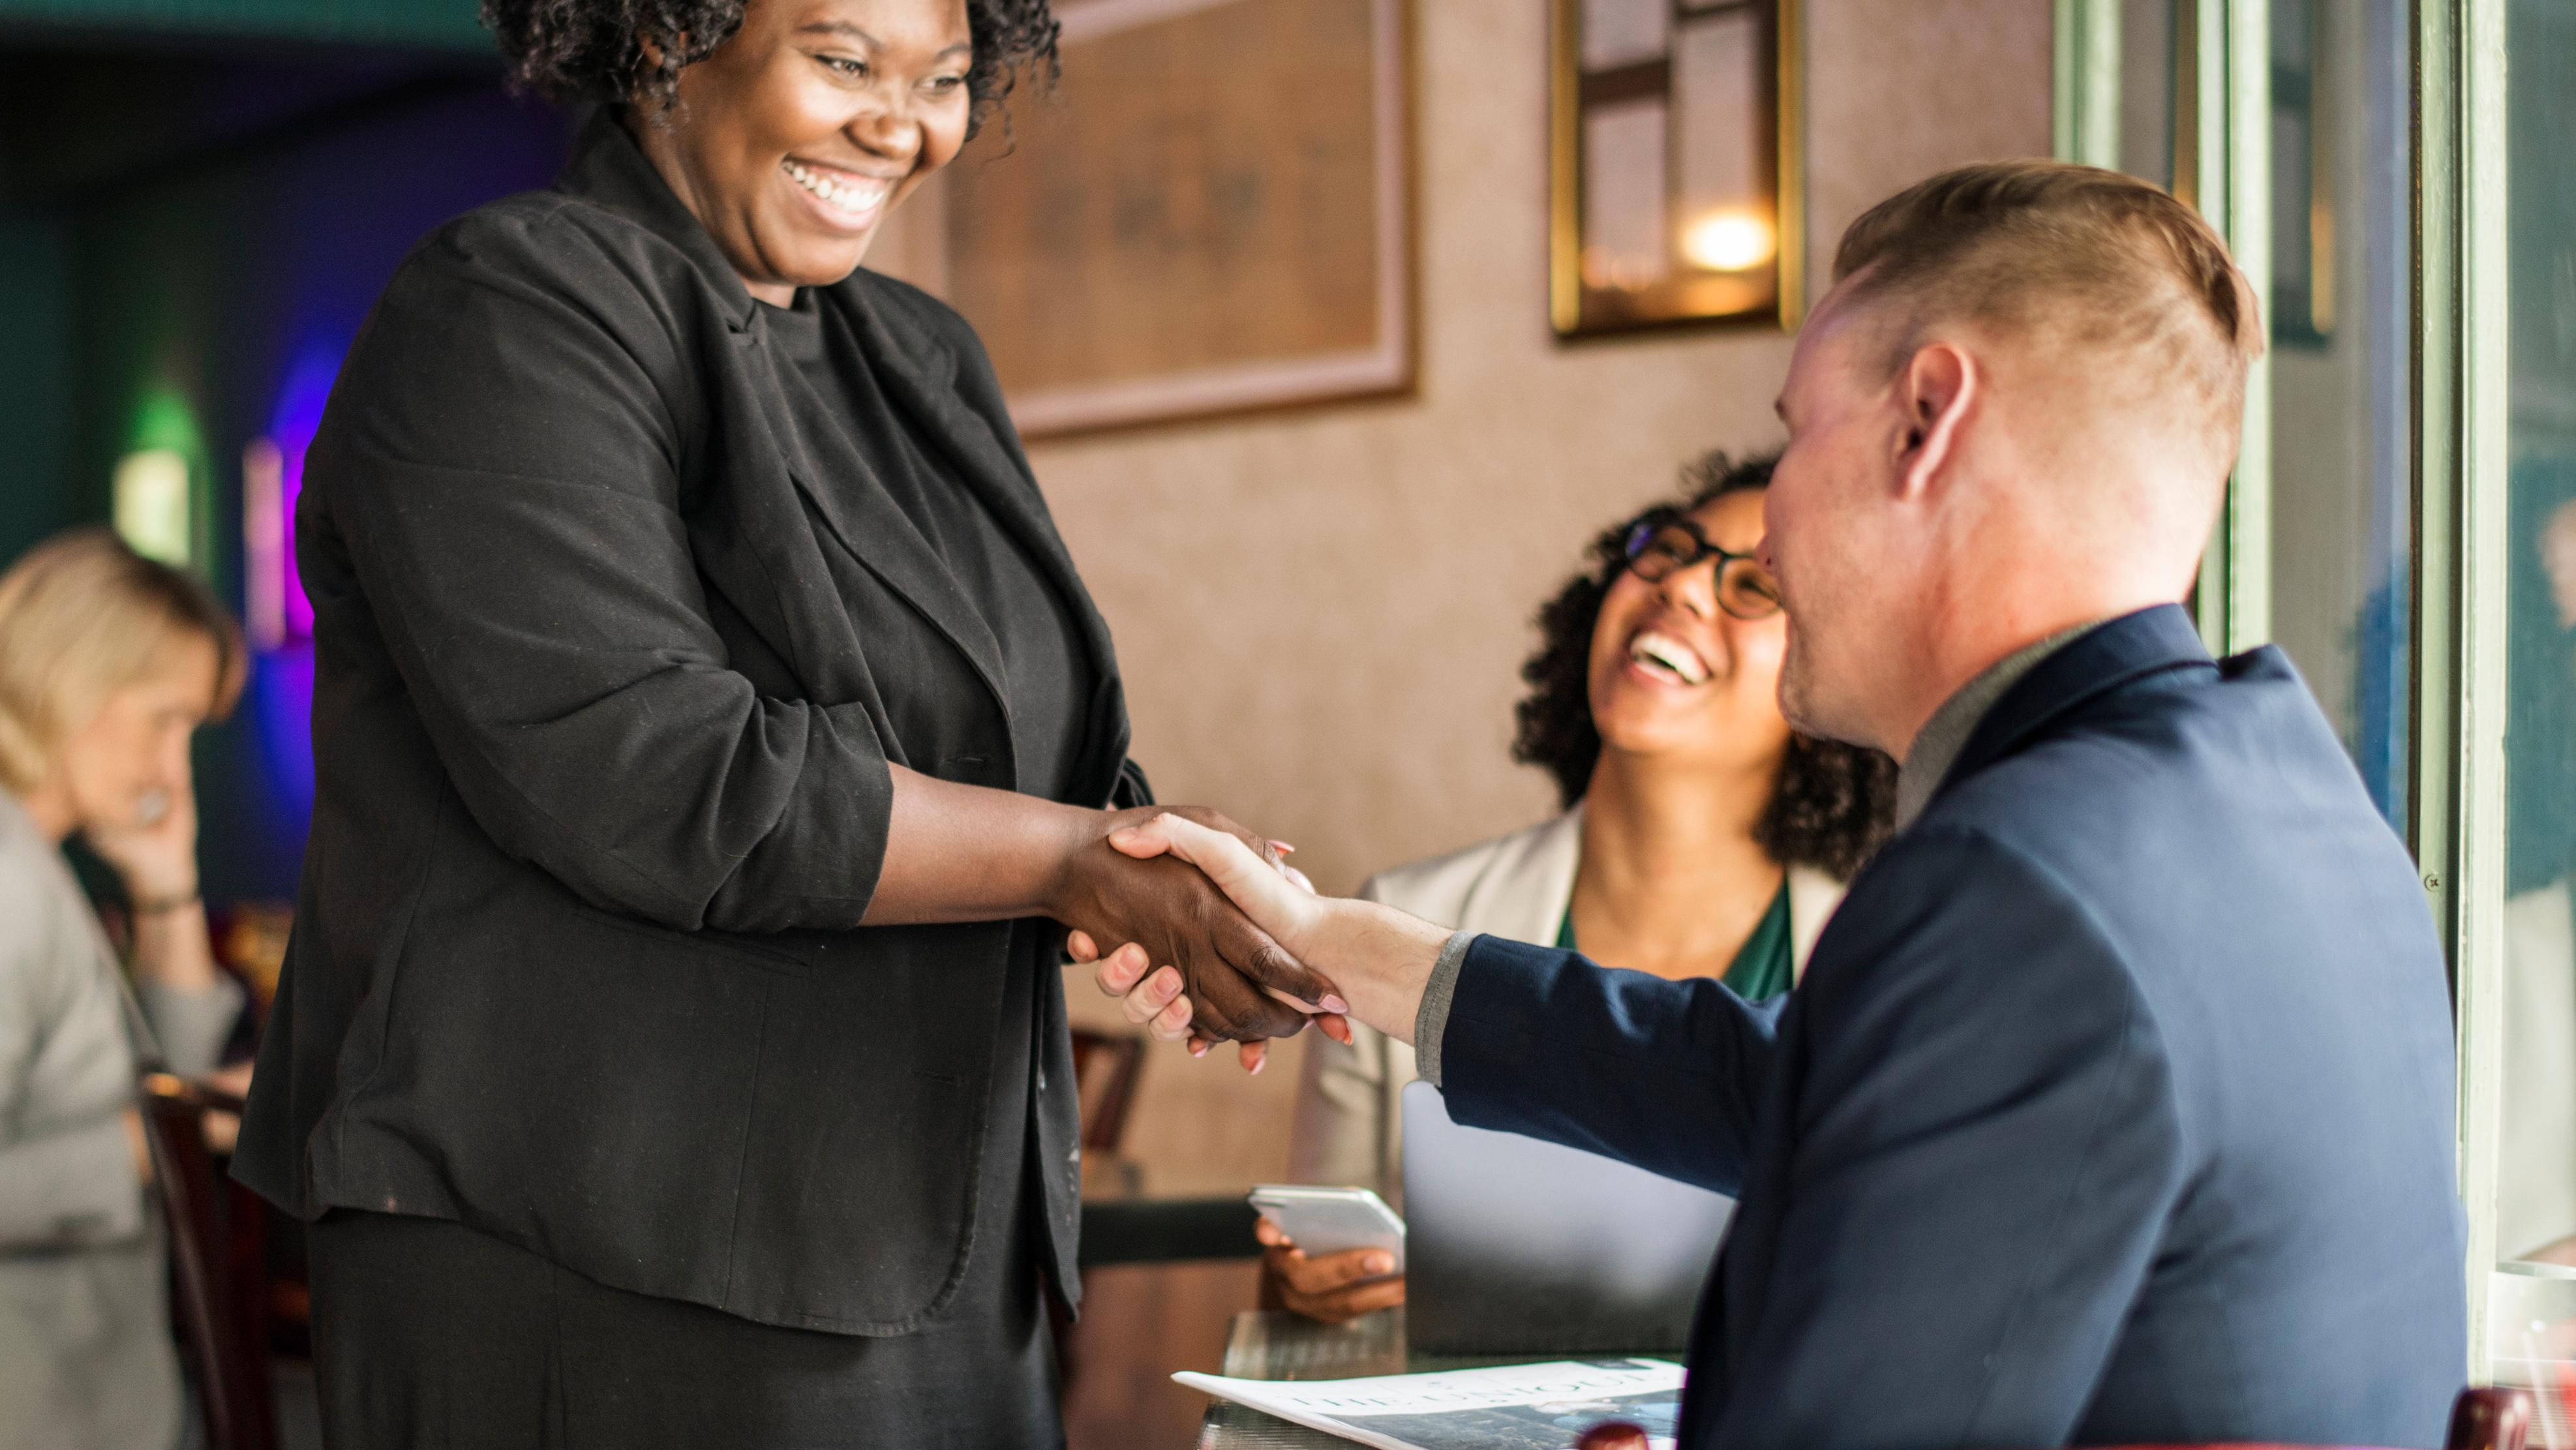 La inclinación de las empresas por contratar personas resilientes